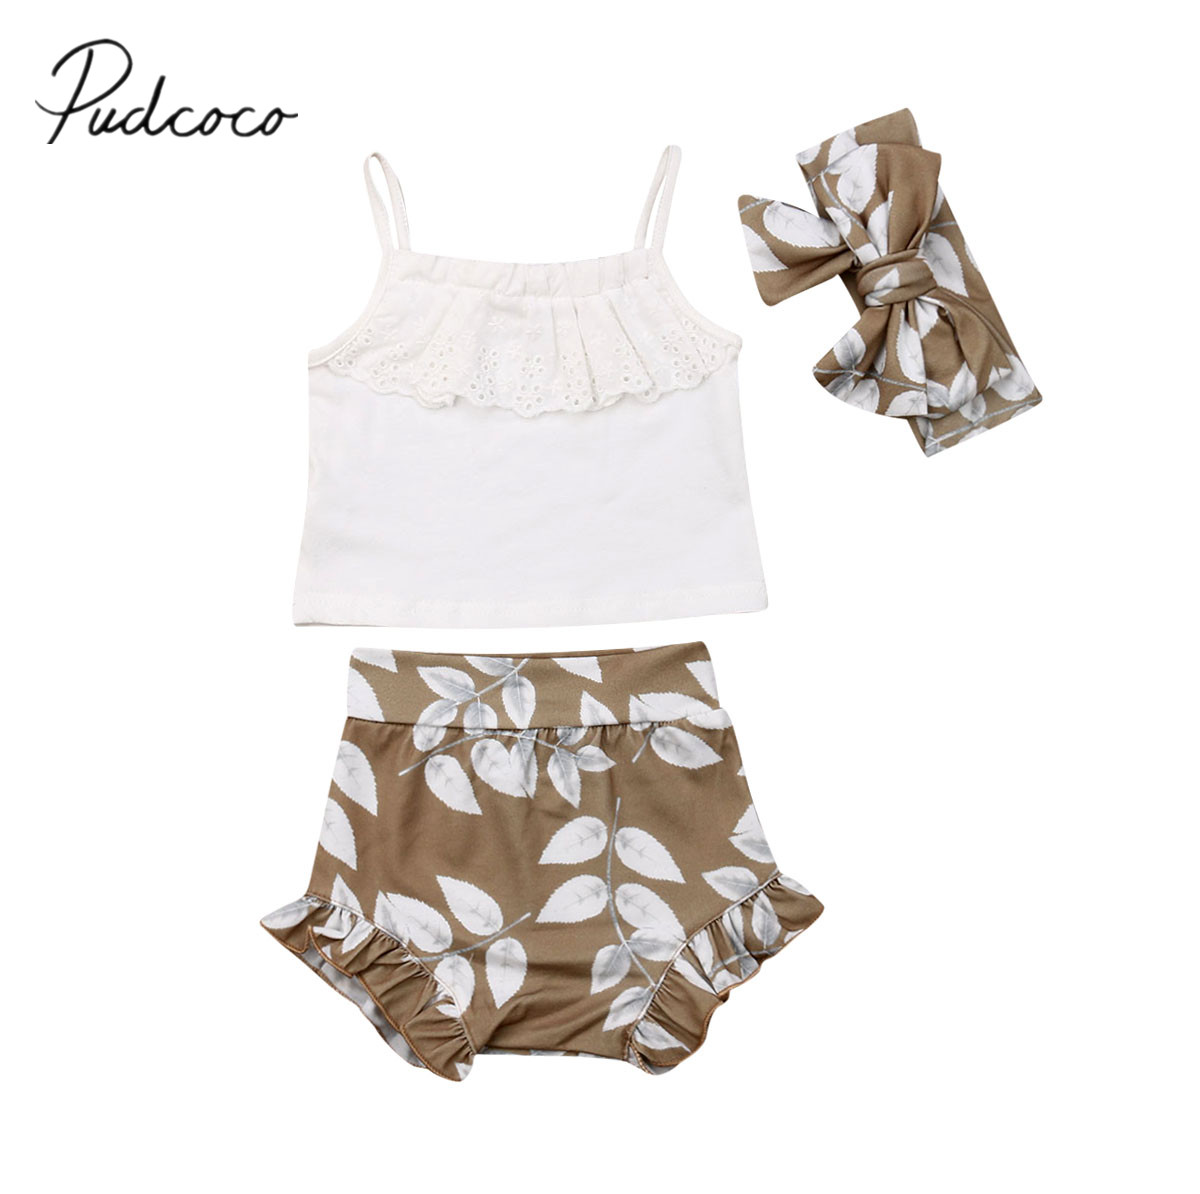 d7dd5d9c46c 2019 Baby Summer Clothing 0-24M Newborn Infant Baby Girls Clothes 3pcs Sets  Lace Vest